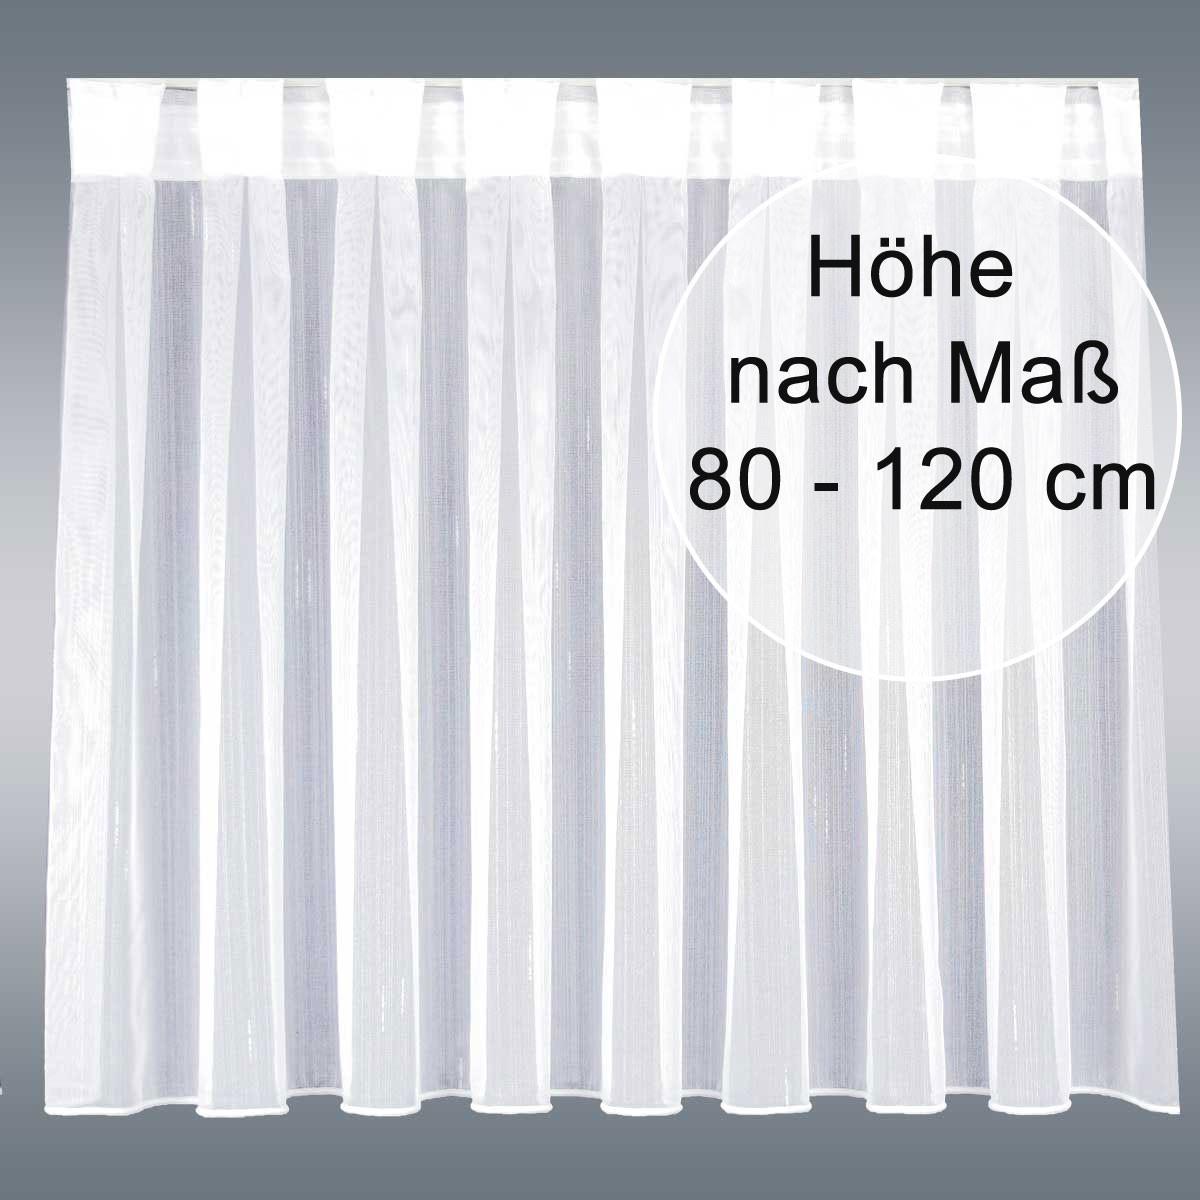 Wohnwagen-Caravan-Store ANNA weiß Flachfaltenband Zinkband Wunschhöhe 80-120cm